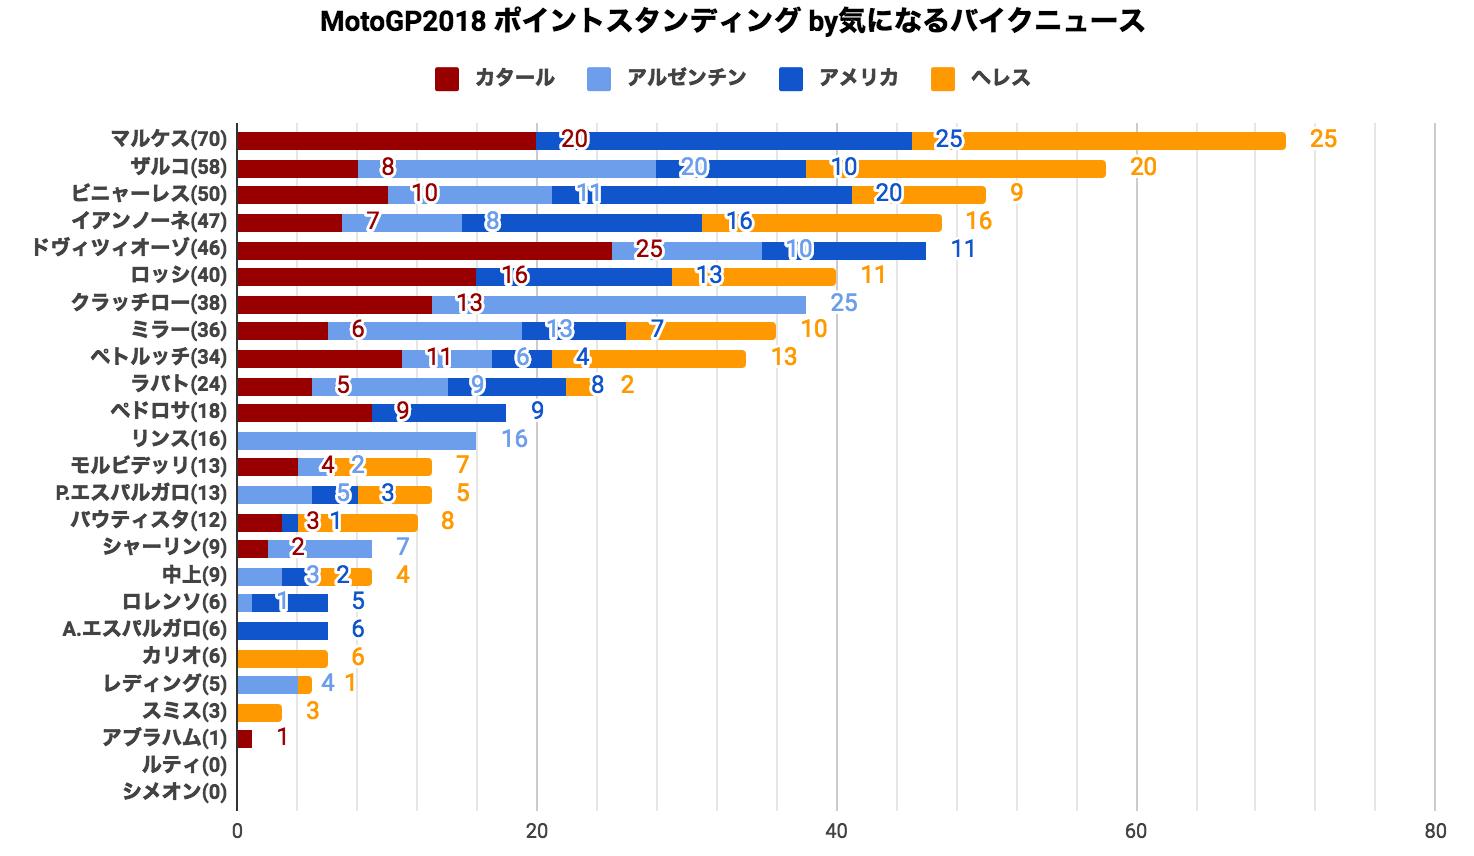 ★MotoGP2018 ポイントスタンディング(2018/05/09時点)